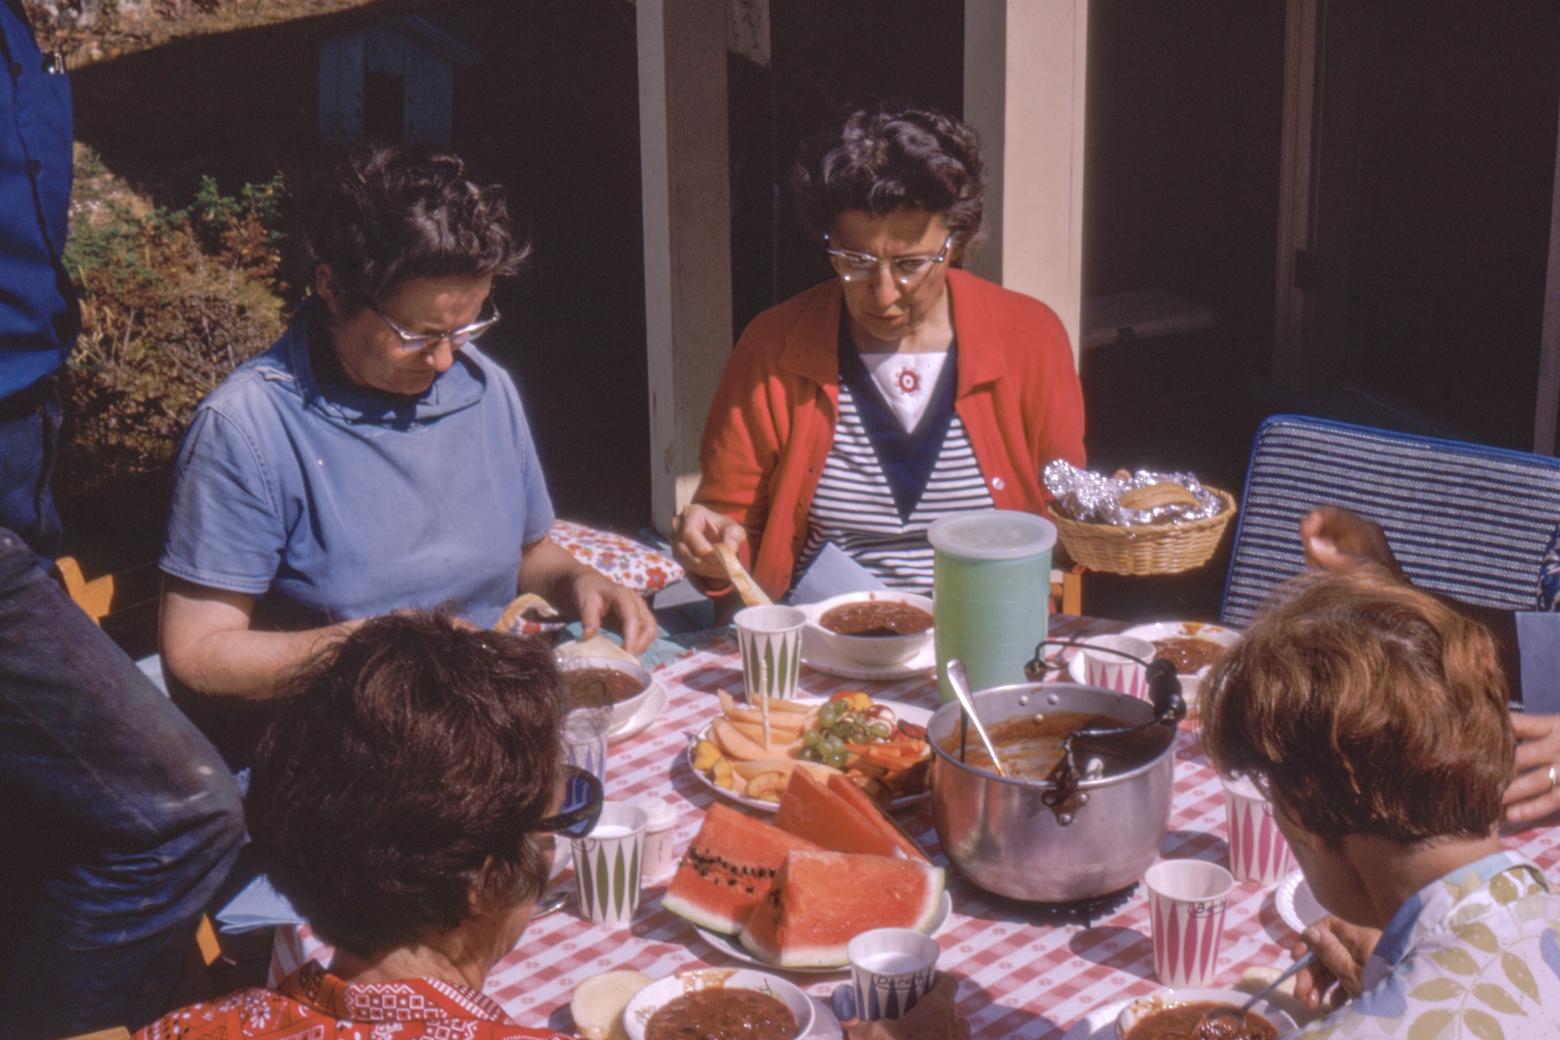 Dinge unseres Lebens: Historische Aufnahme einer Familie beim Essen, auf dem Tisch eine karierte Decke. Symbolbild: Was übrig bleibt vom Leben. In den Dingen verdichten sich Geschichten. Sie blühen auf, wenn man die Gegenstände in die Hand nimmt. In: Prinzip Apfelbaum. Magazin über das, was bleibt. Foto: Annie Spratt on Unsplash